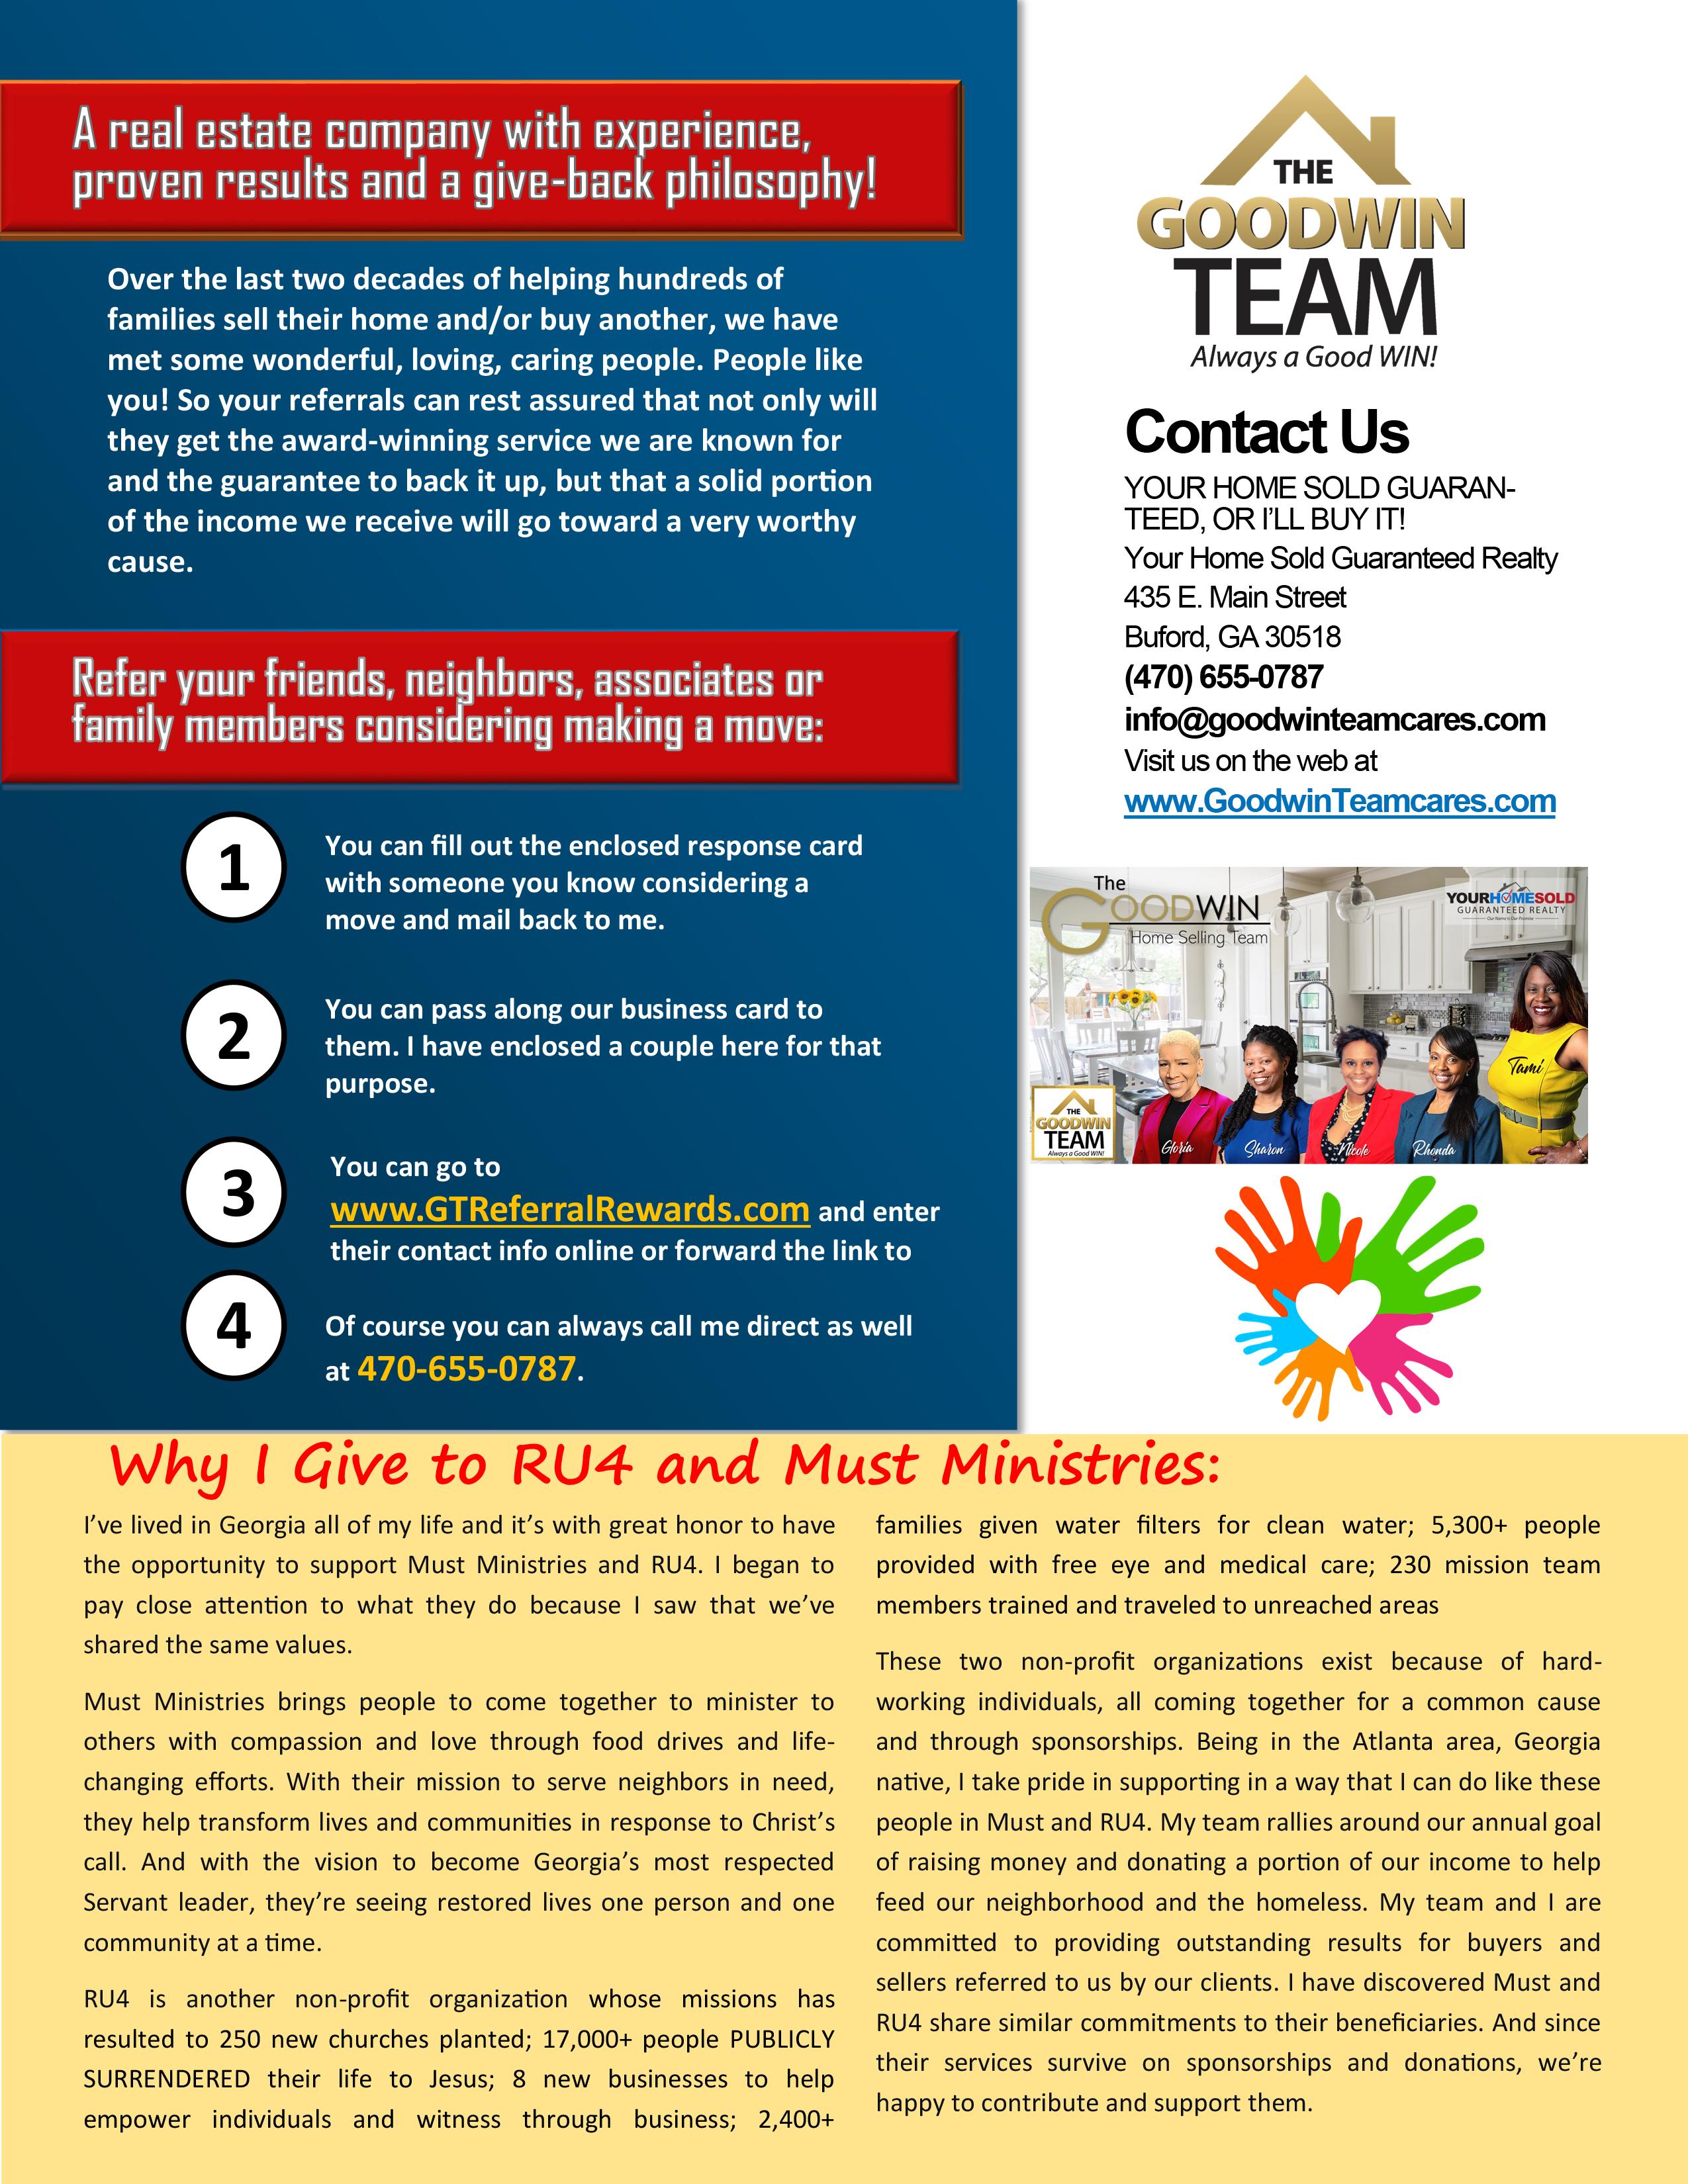 Sept 2020 Referral Newsletter Goodwin Team-4.JPG